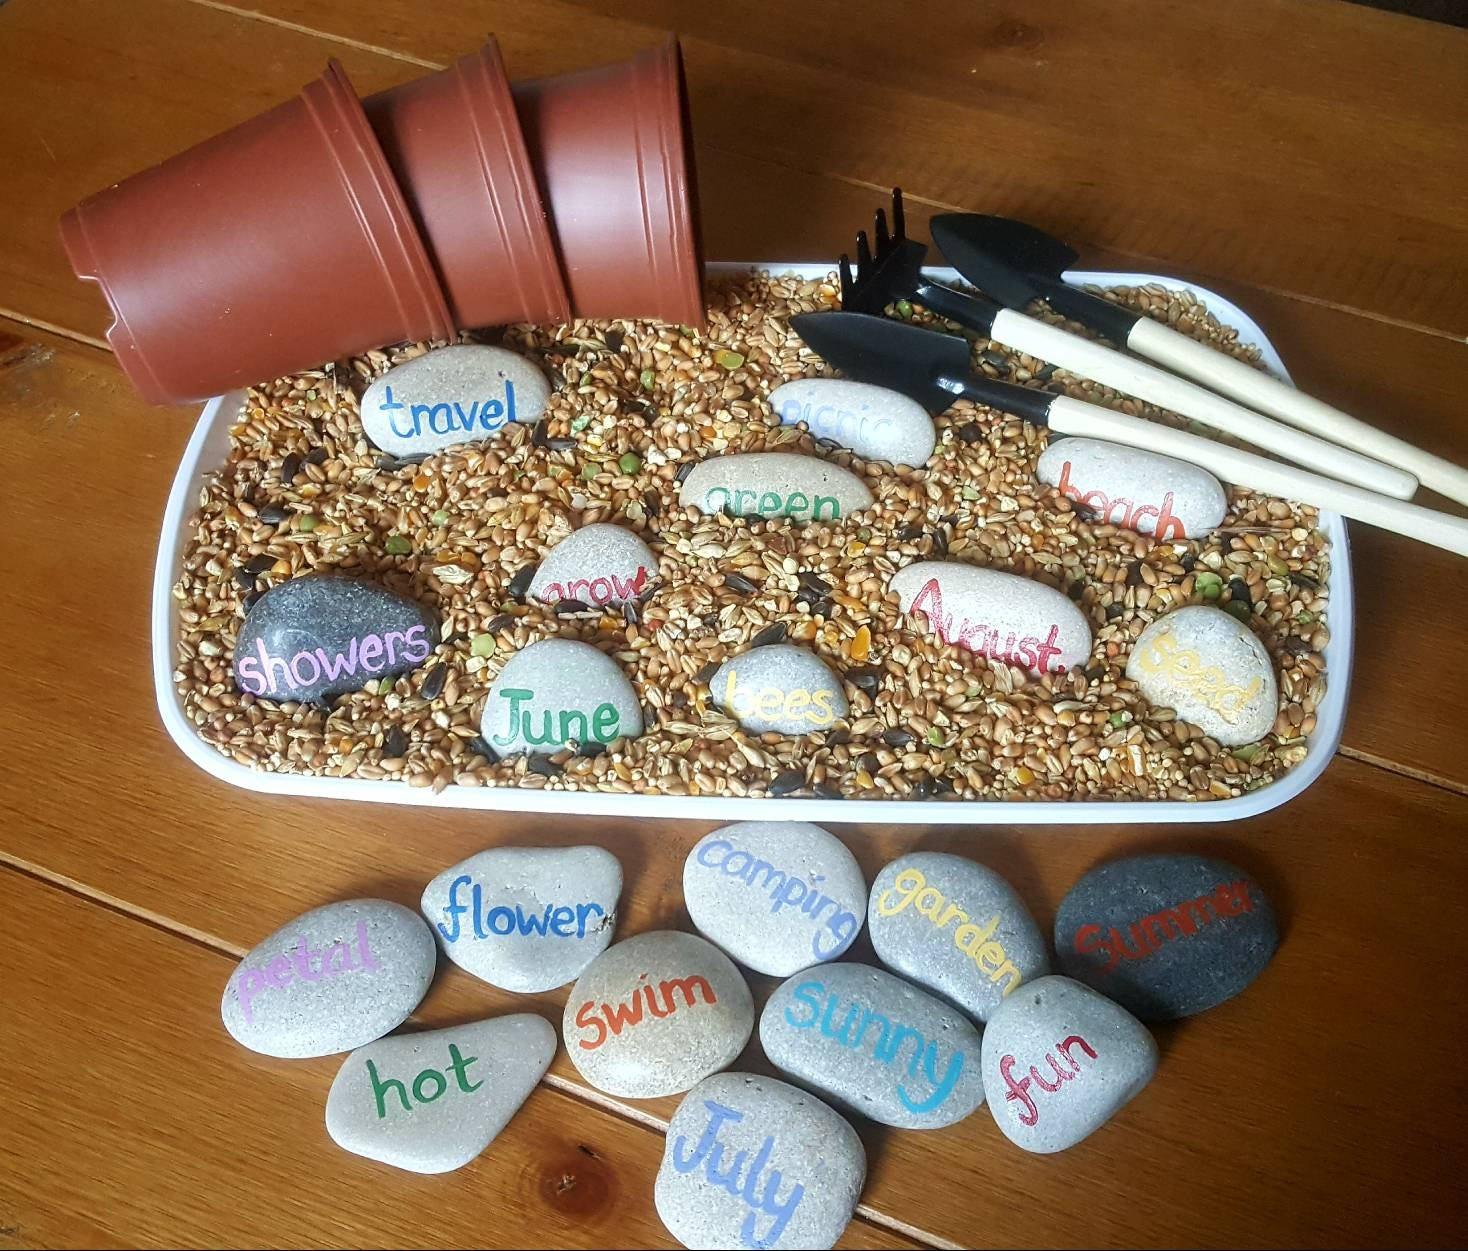 Summer words seeking tray